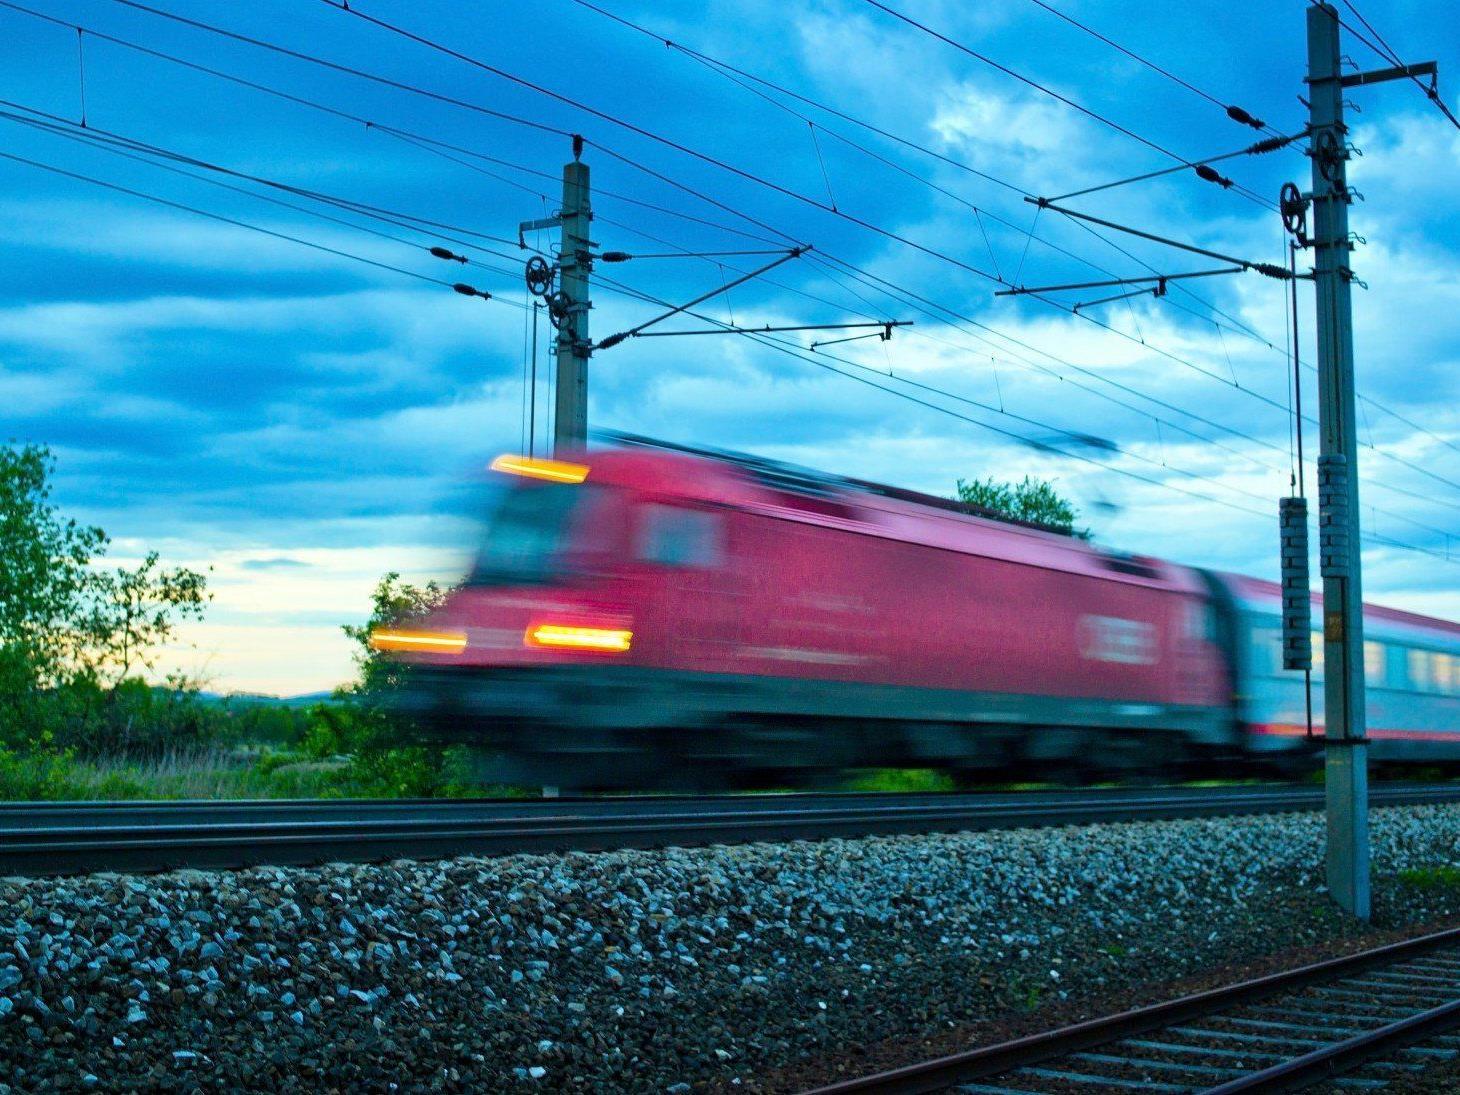 Bei einem Zugunfall in der Oststeiermark wurden zwei Männer getötet.